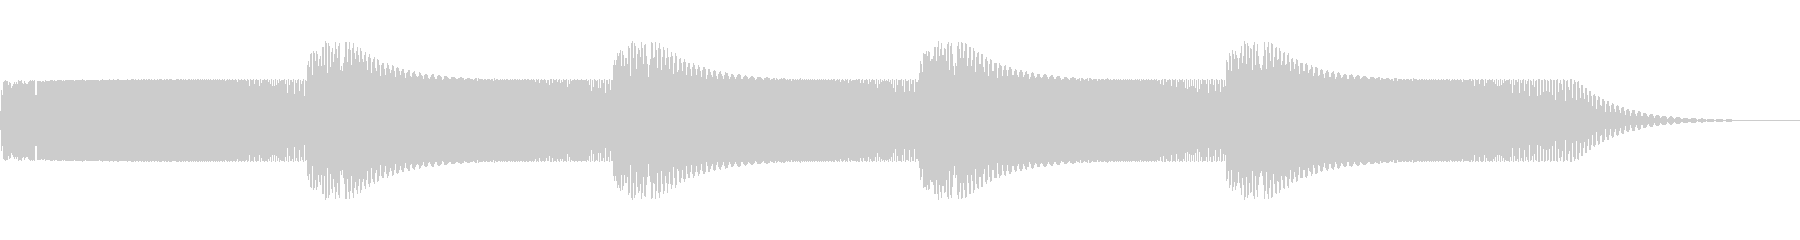 小型レーザー銃:ショートバースト、...の未再生の波形